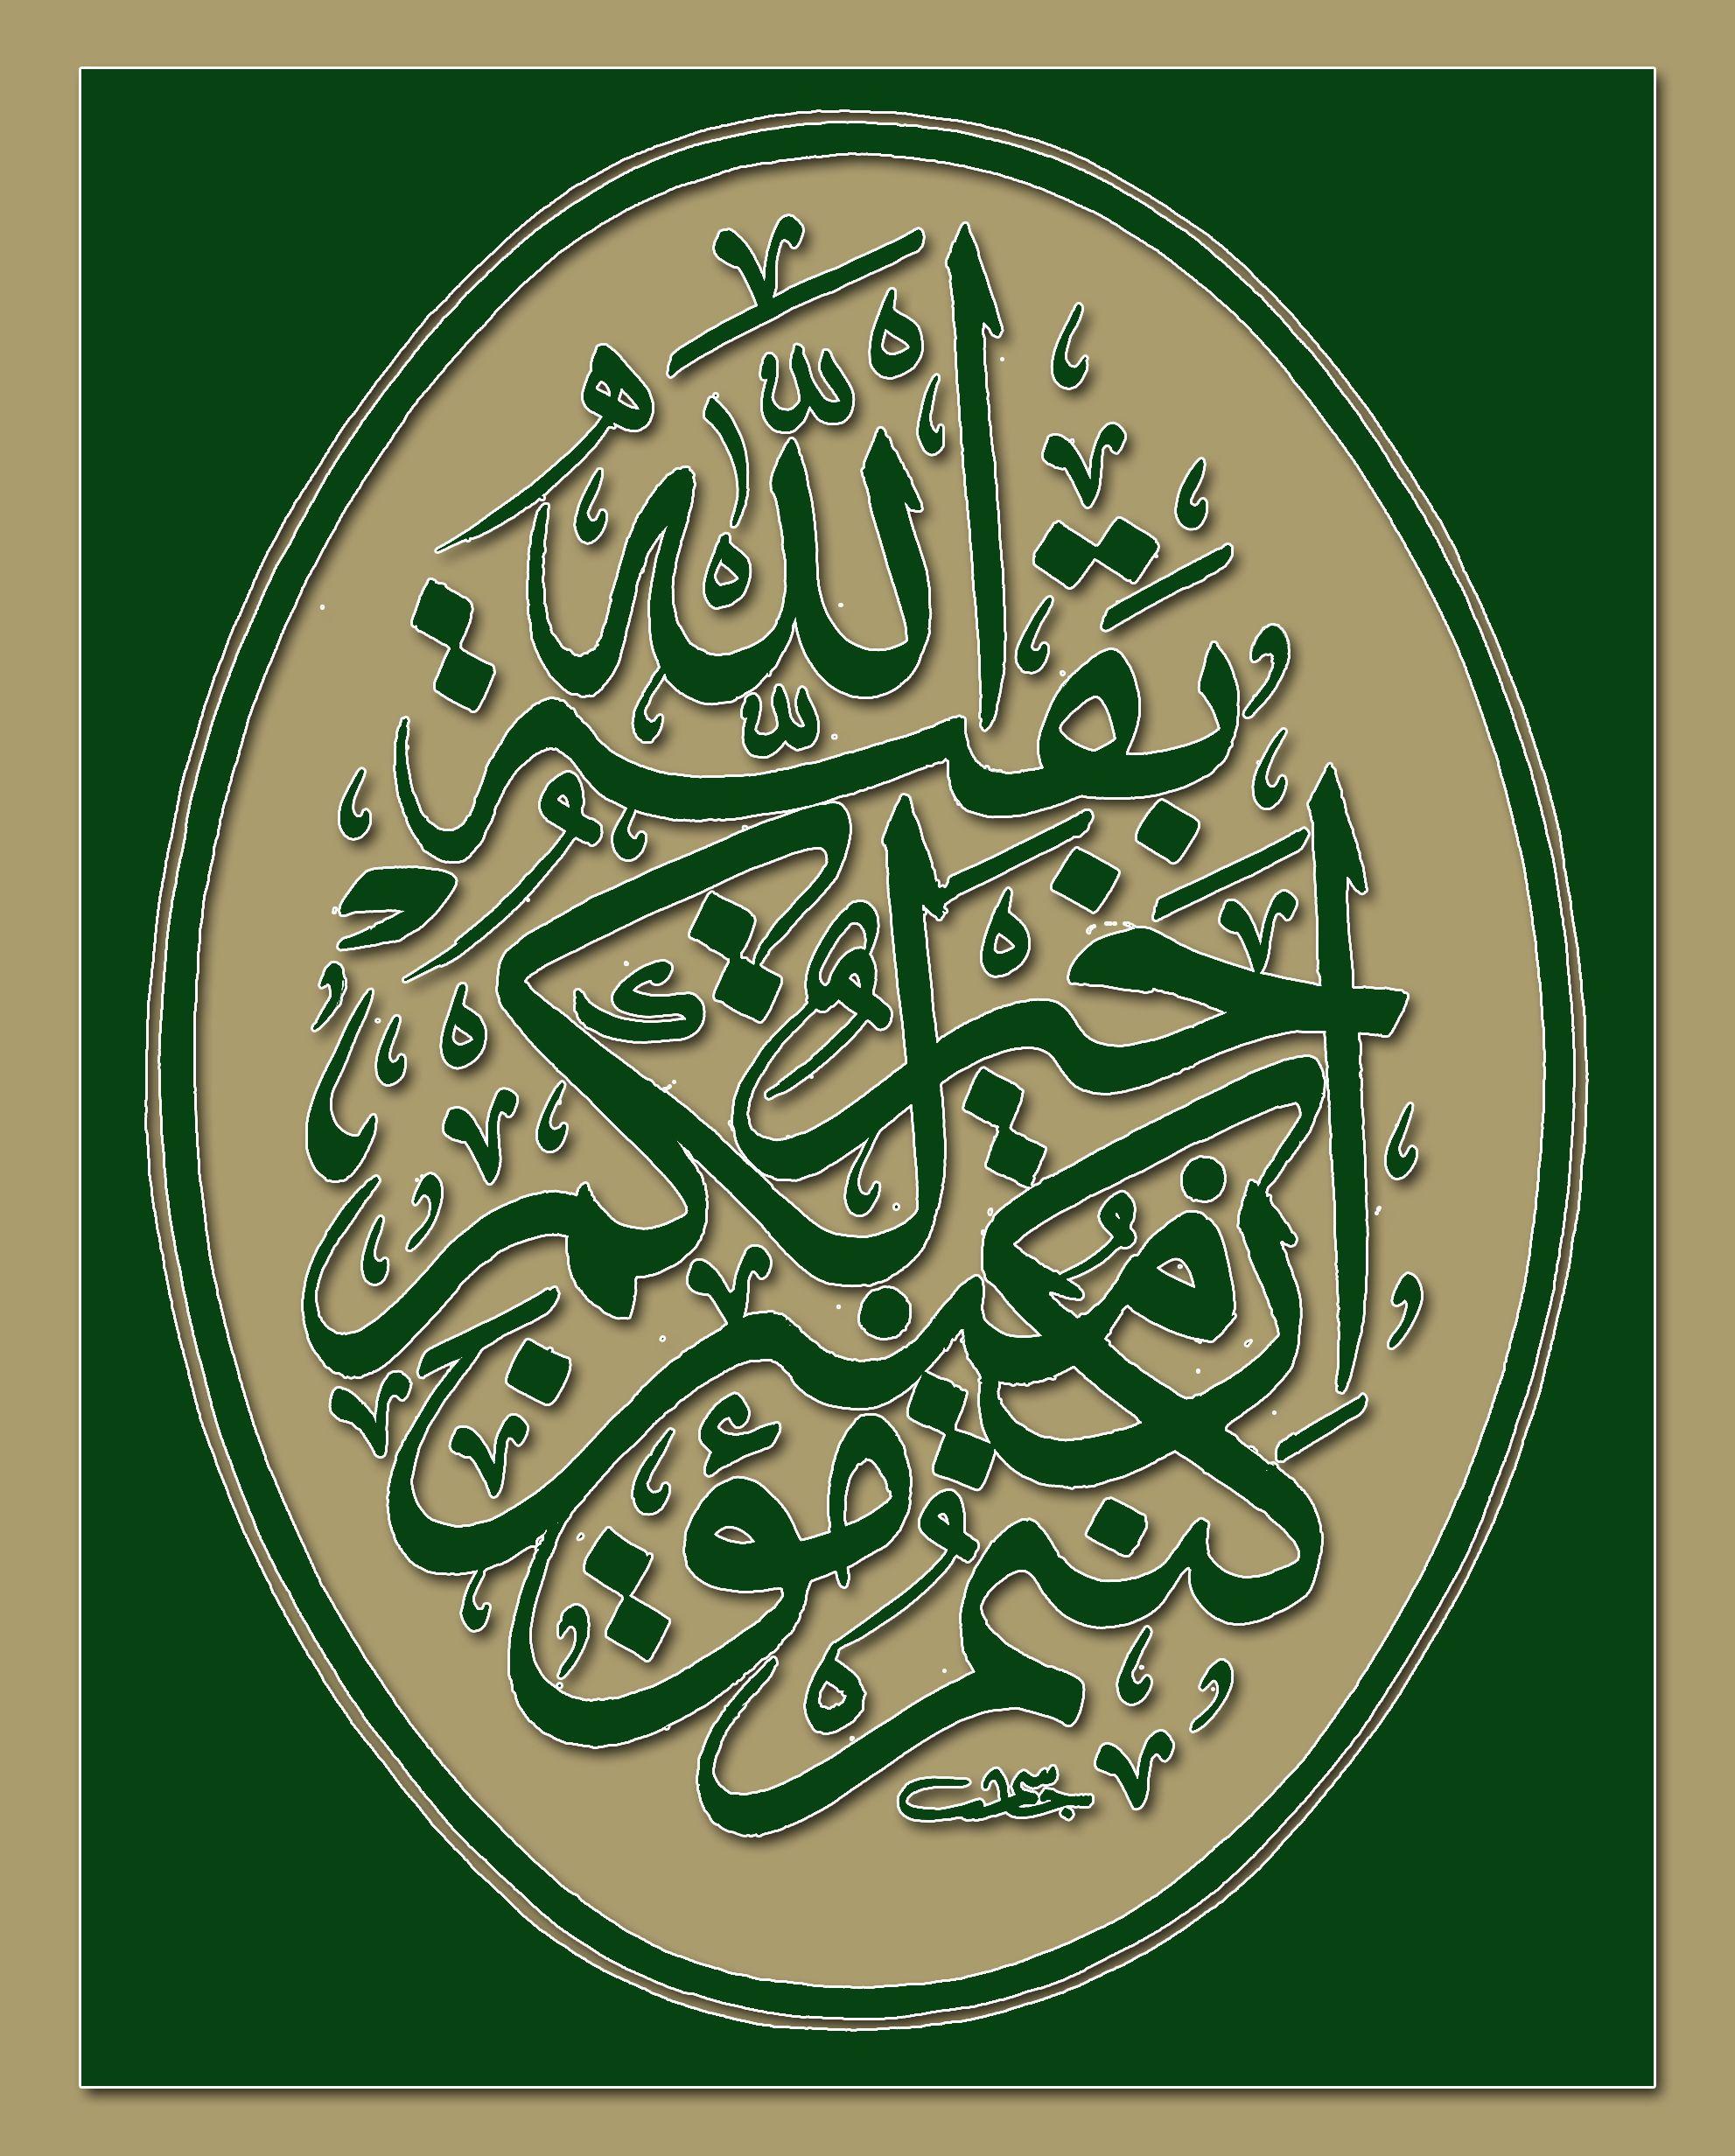 By The Calligrapher Mr Jaseem Al Najafi Najaf Iraq من خطوط الخطاط العراقي الأستاذ جاسم النجفي النجف العراق